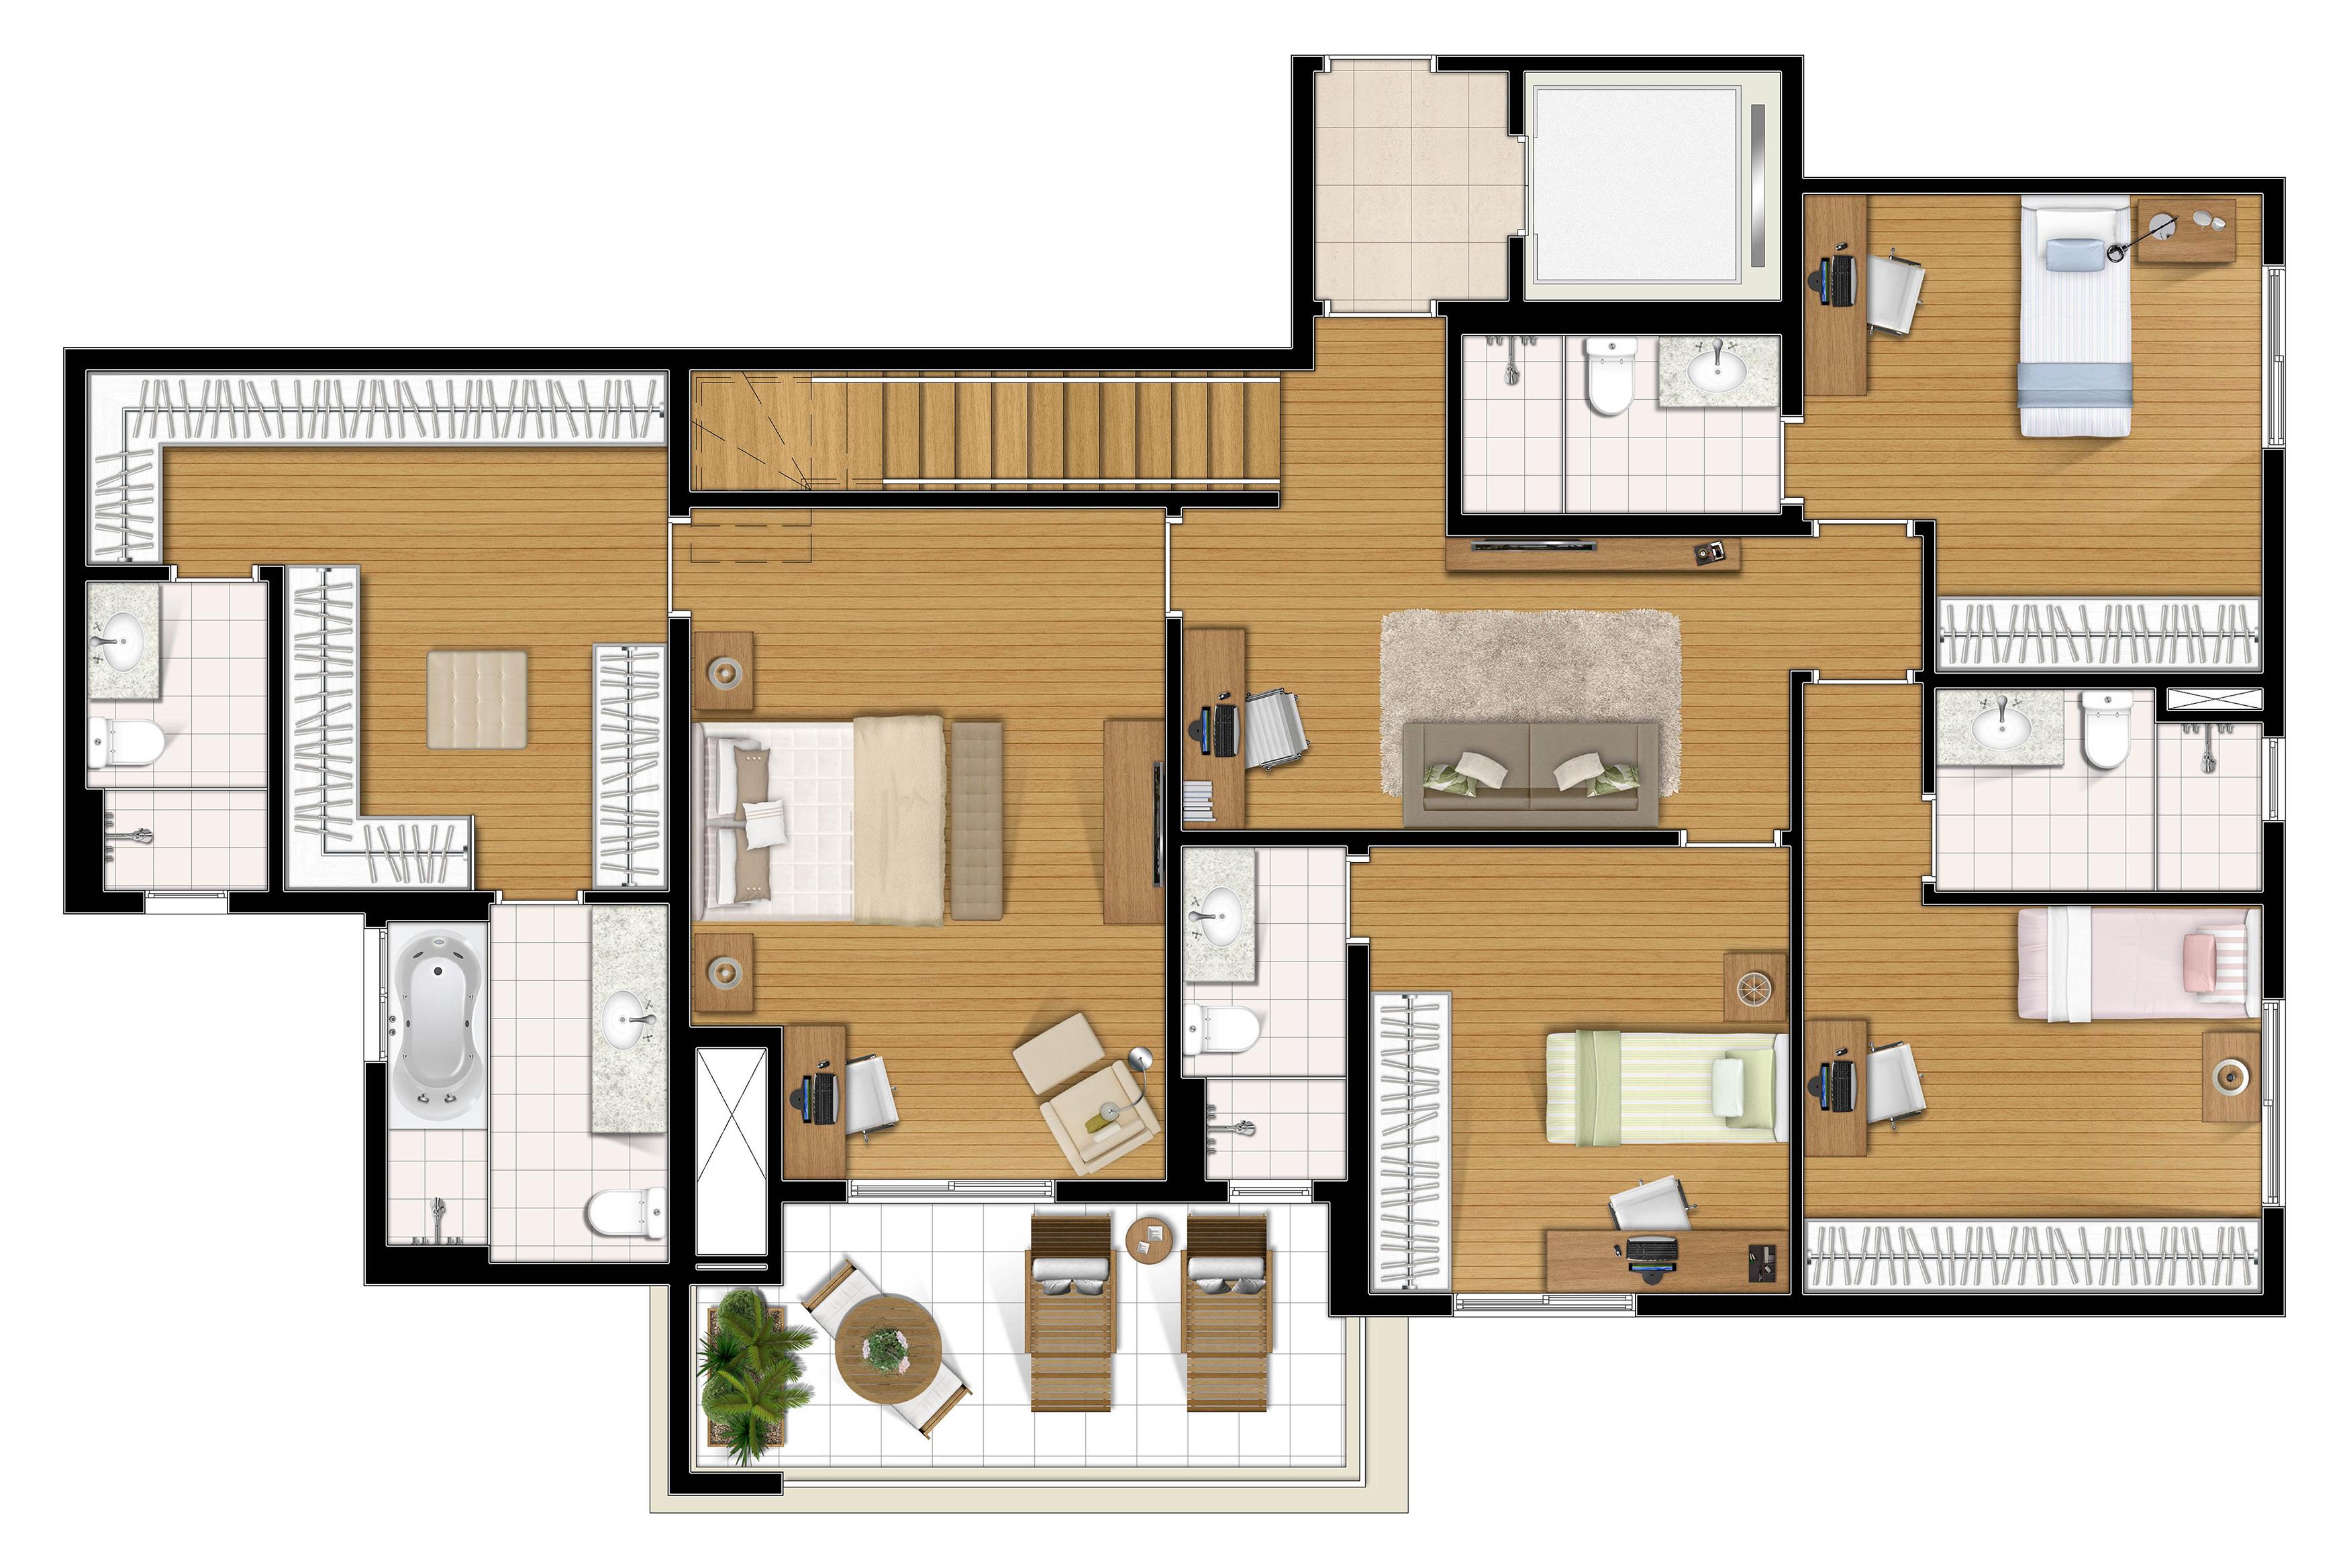 295,97m² cobertura piso inferior